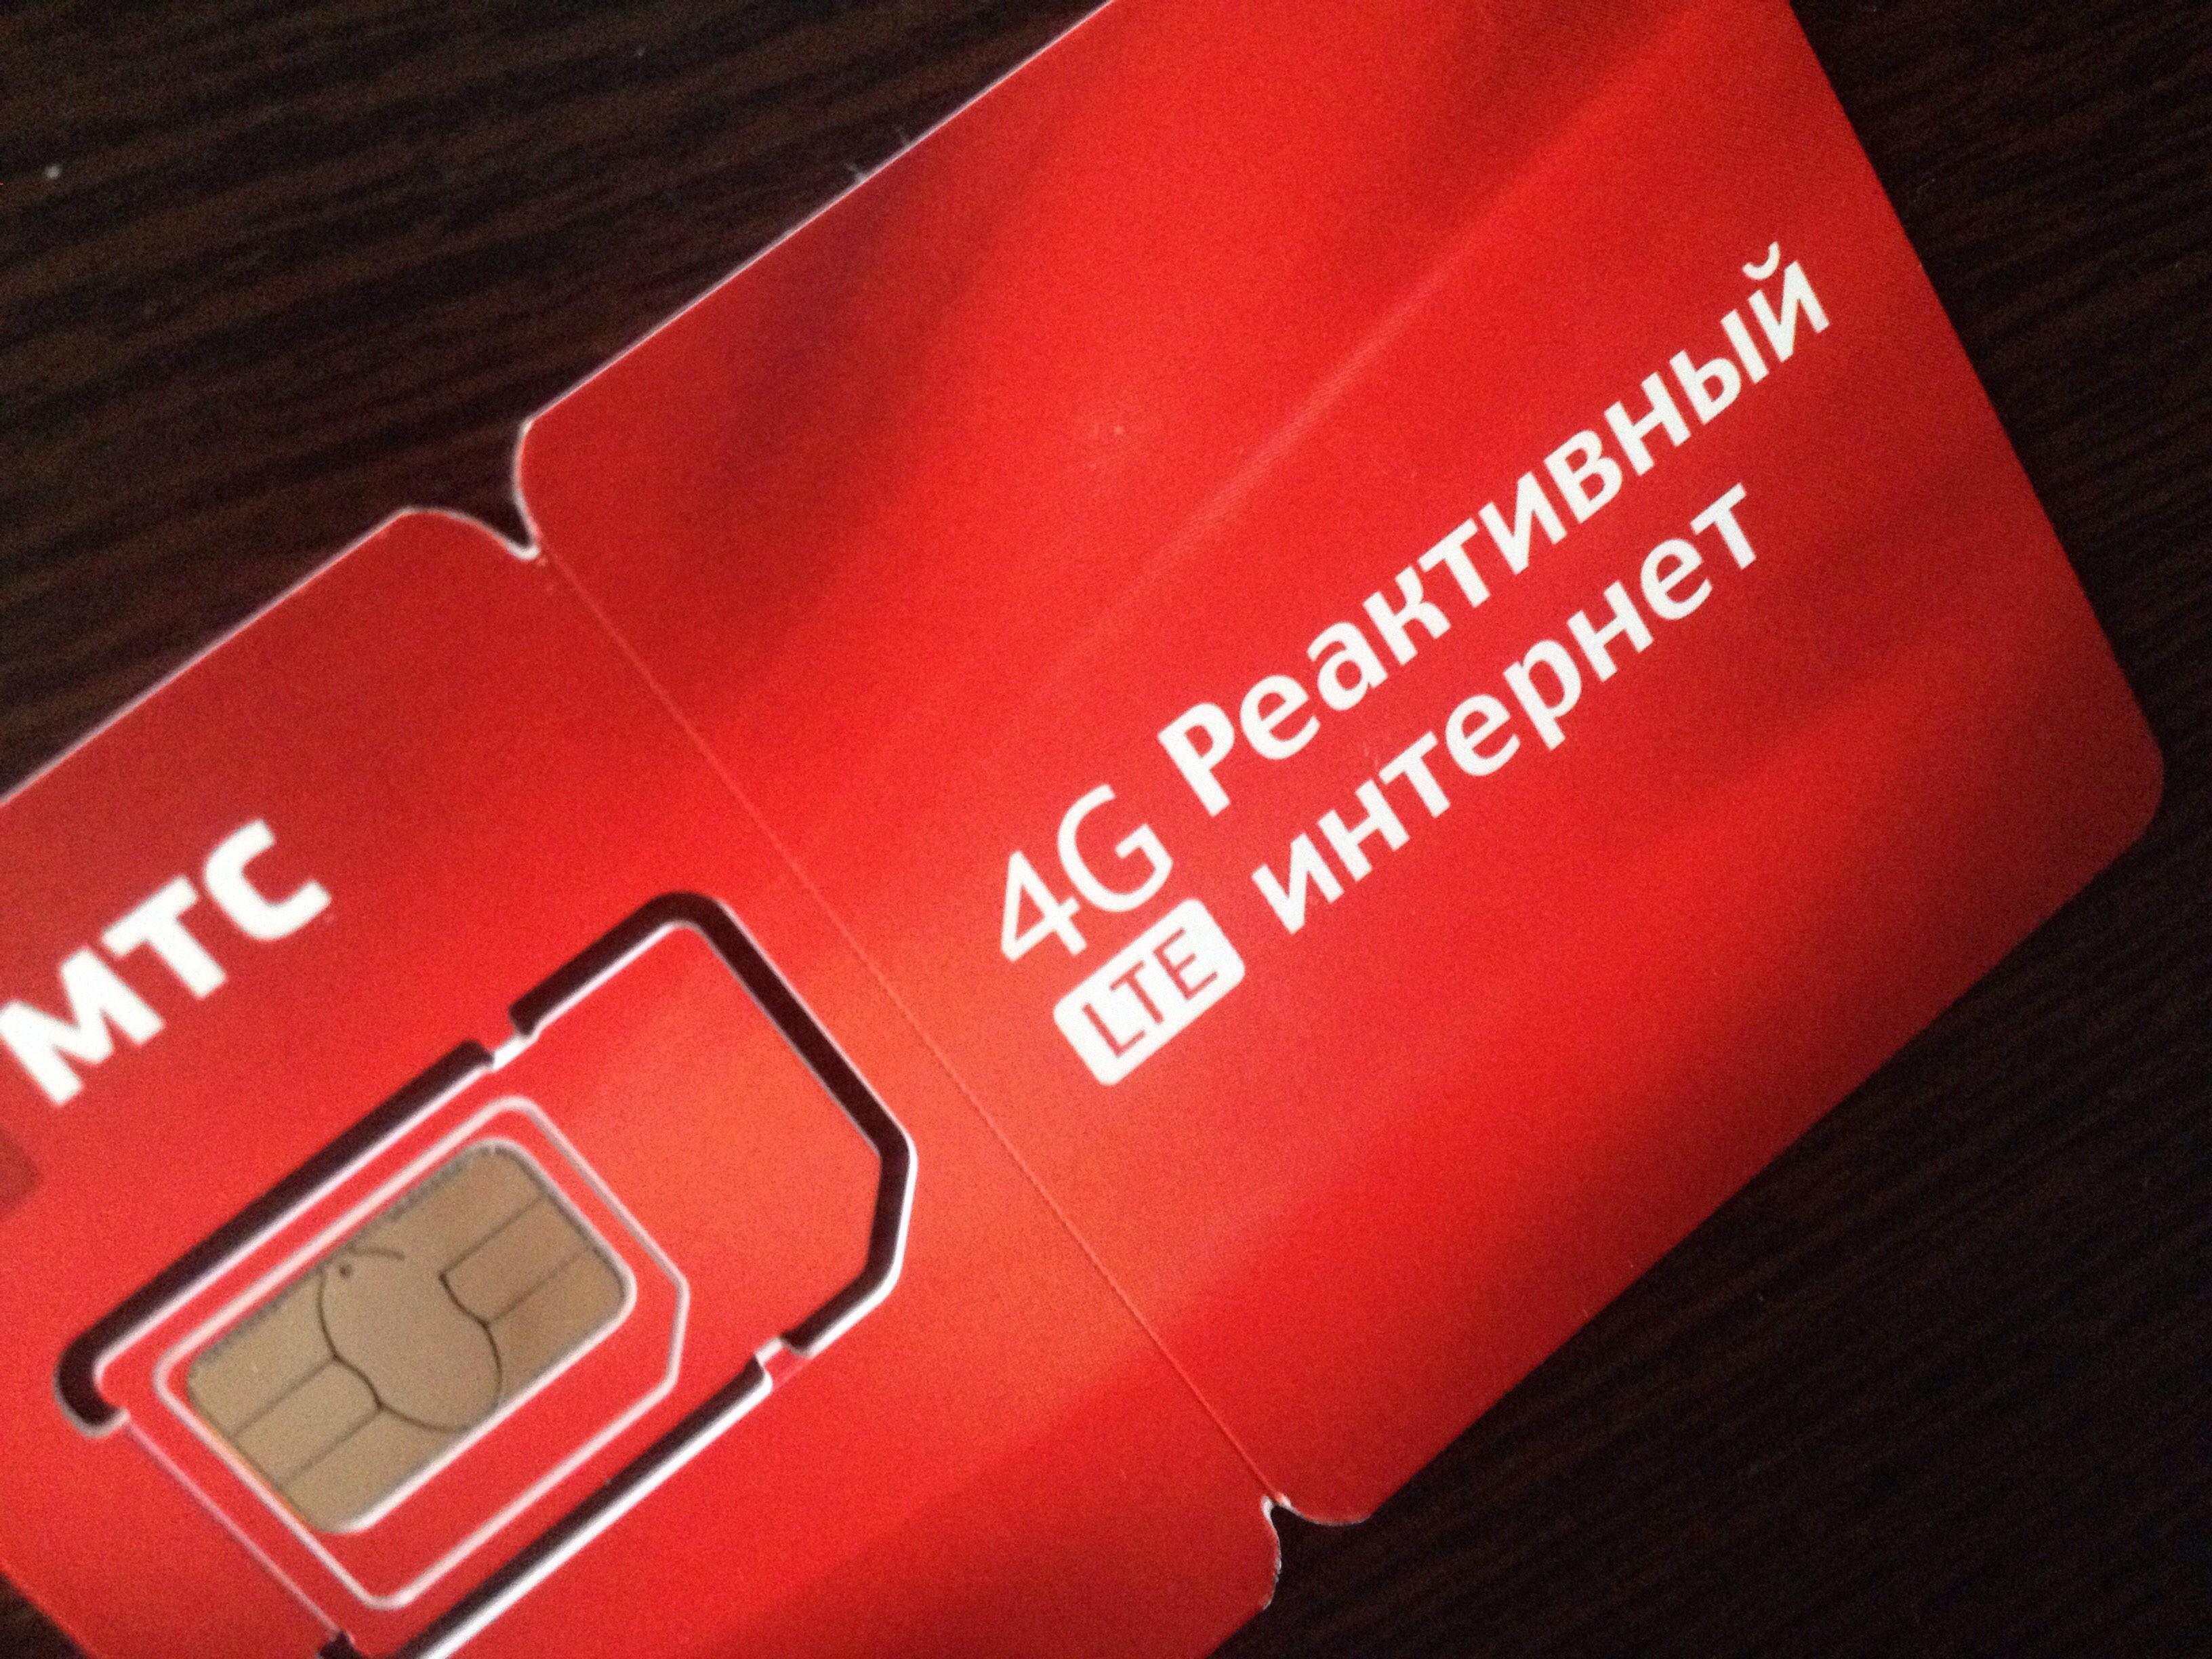 Код мобильного 925  оператор сотовой связи регион город